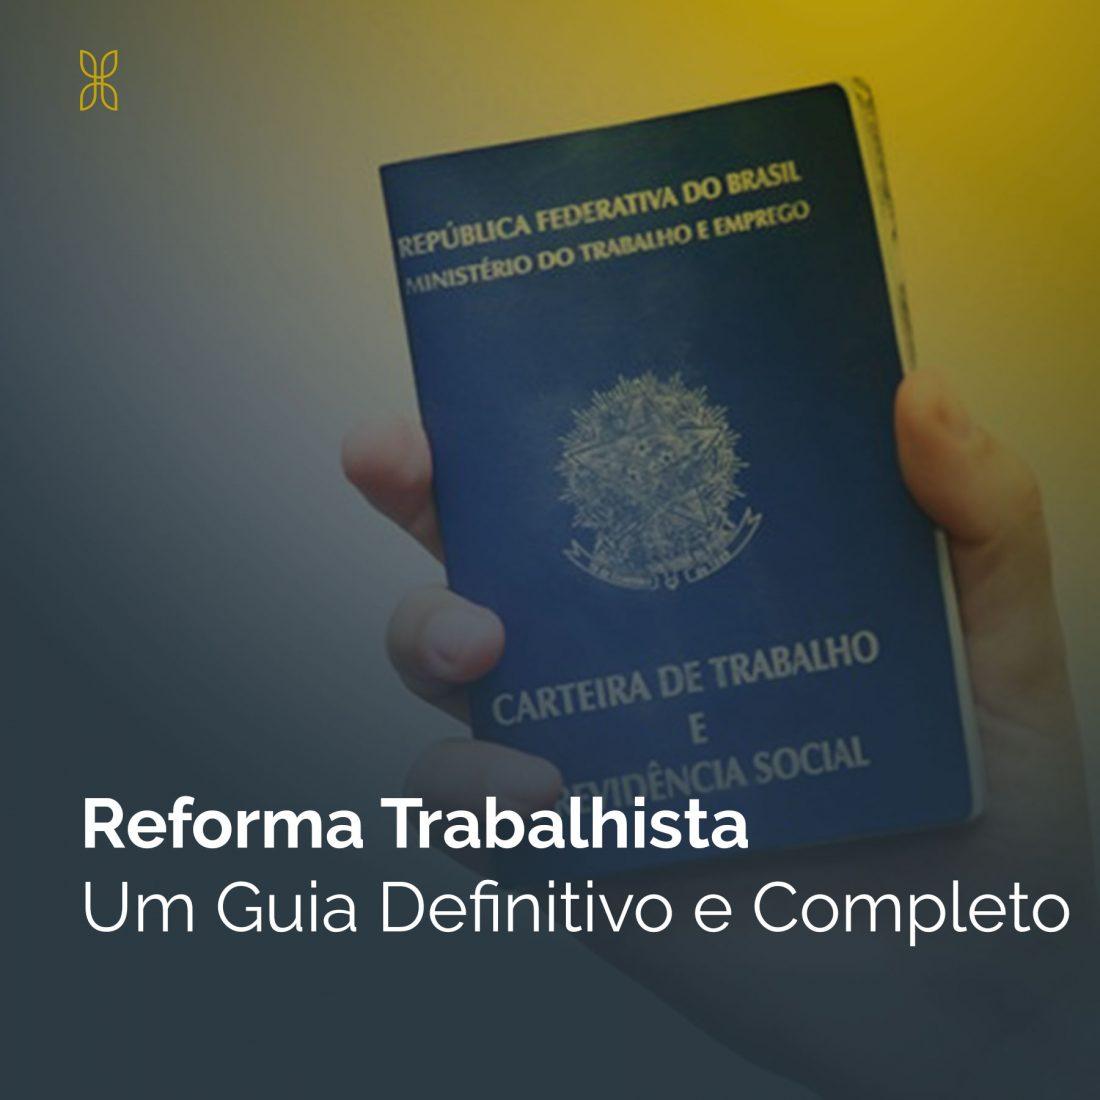 guia deifnitivo e completo da reforma trabalhista